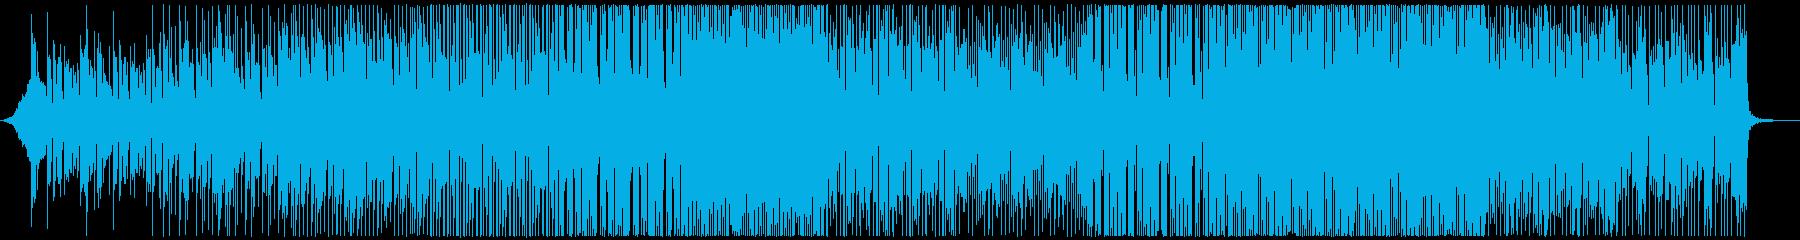 ■シンセEDM-midテンポ-GoProの再生済みの波形